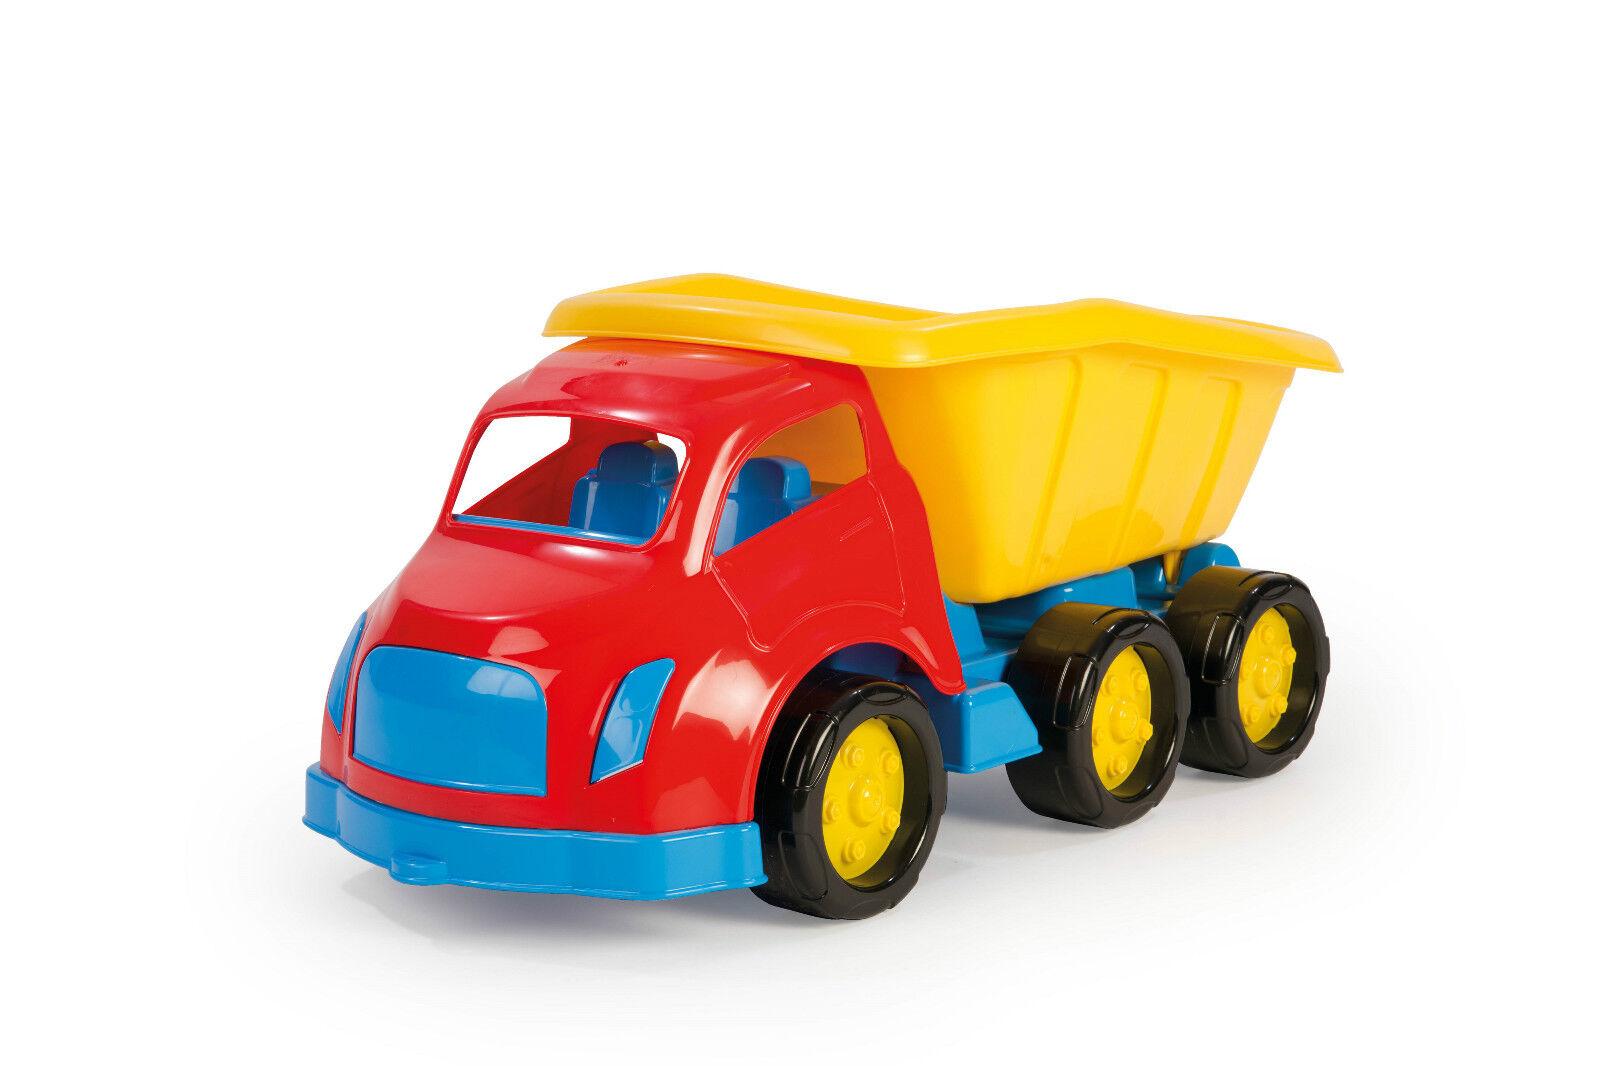 Maxi Groß Kinder Spielzeug Deponie Arbeiten Konstruktion Sandkasten Kipper 6